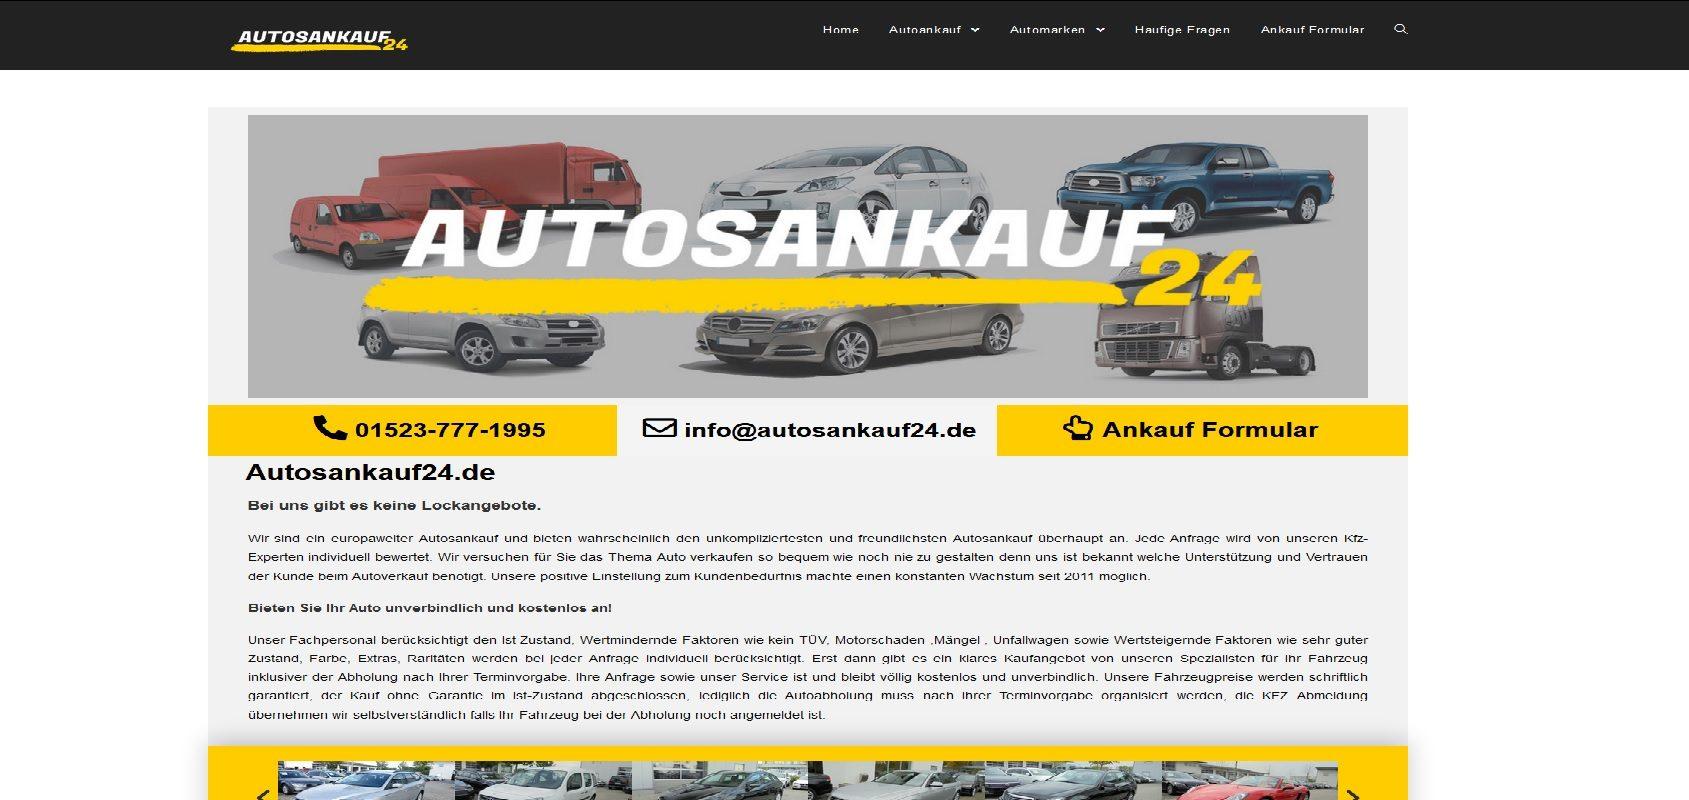 autosankauf24.de Autoankauf